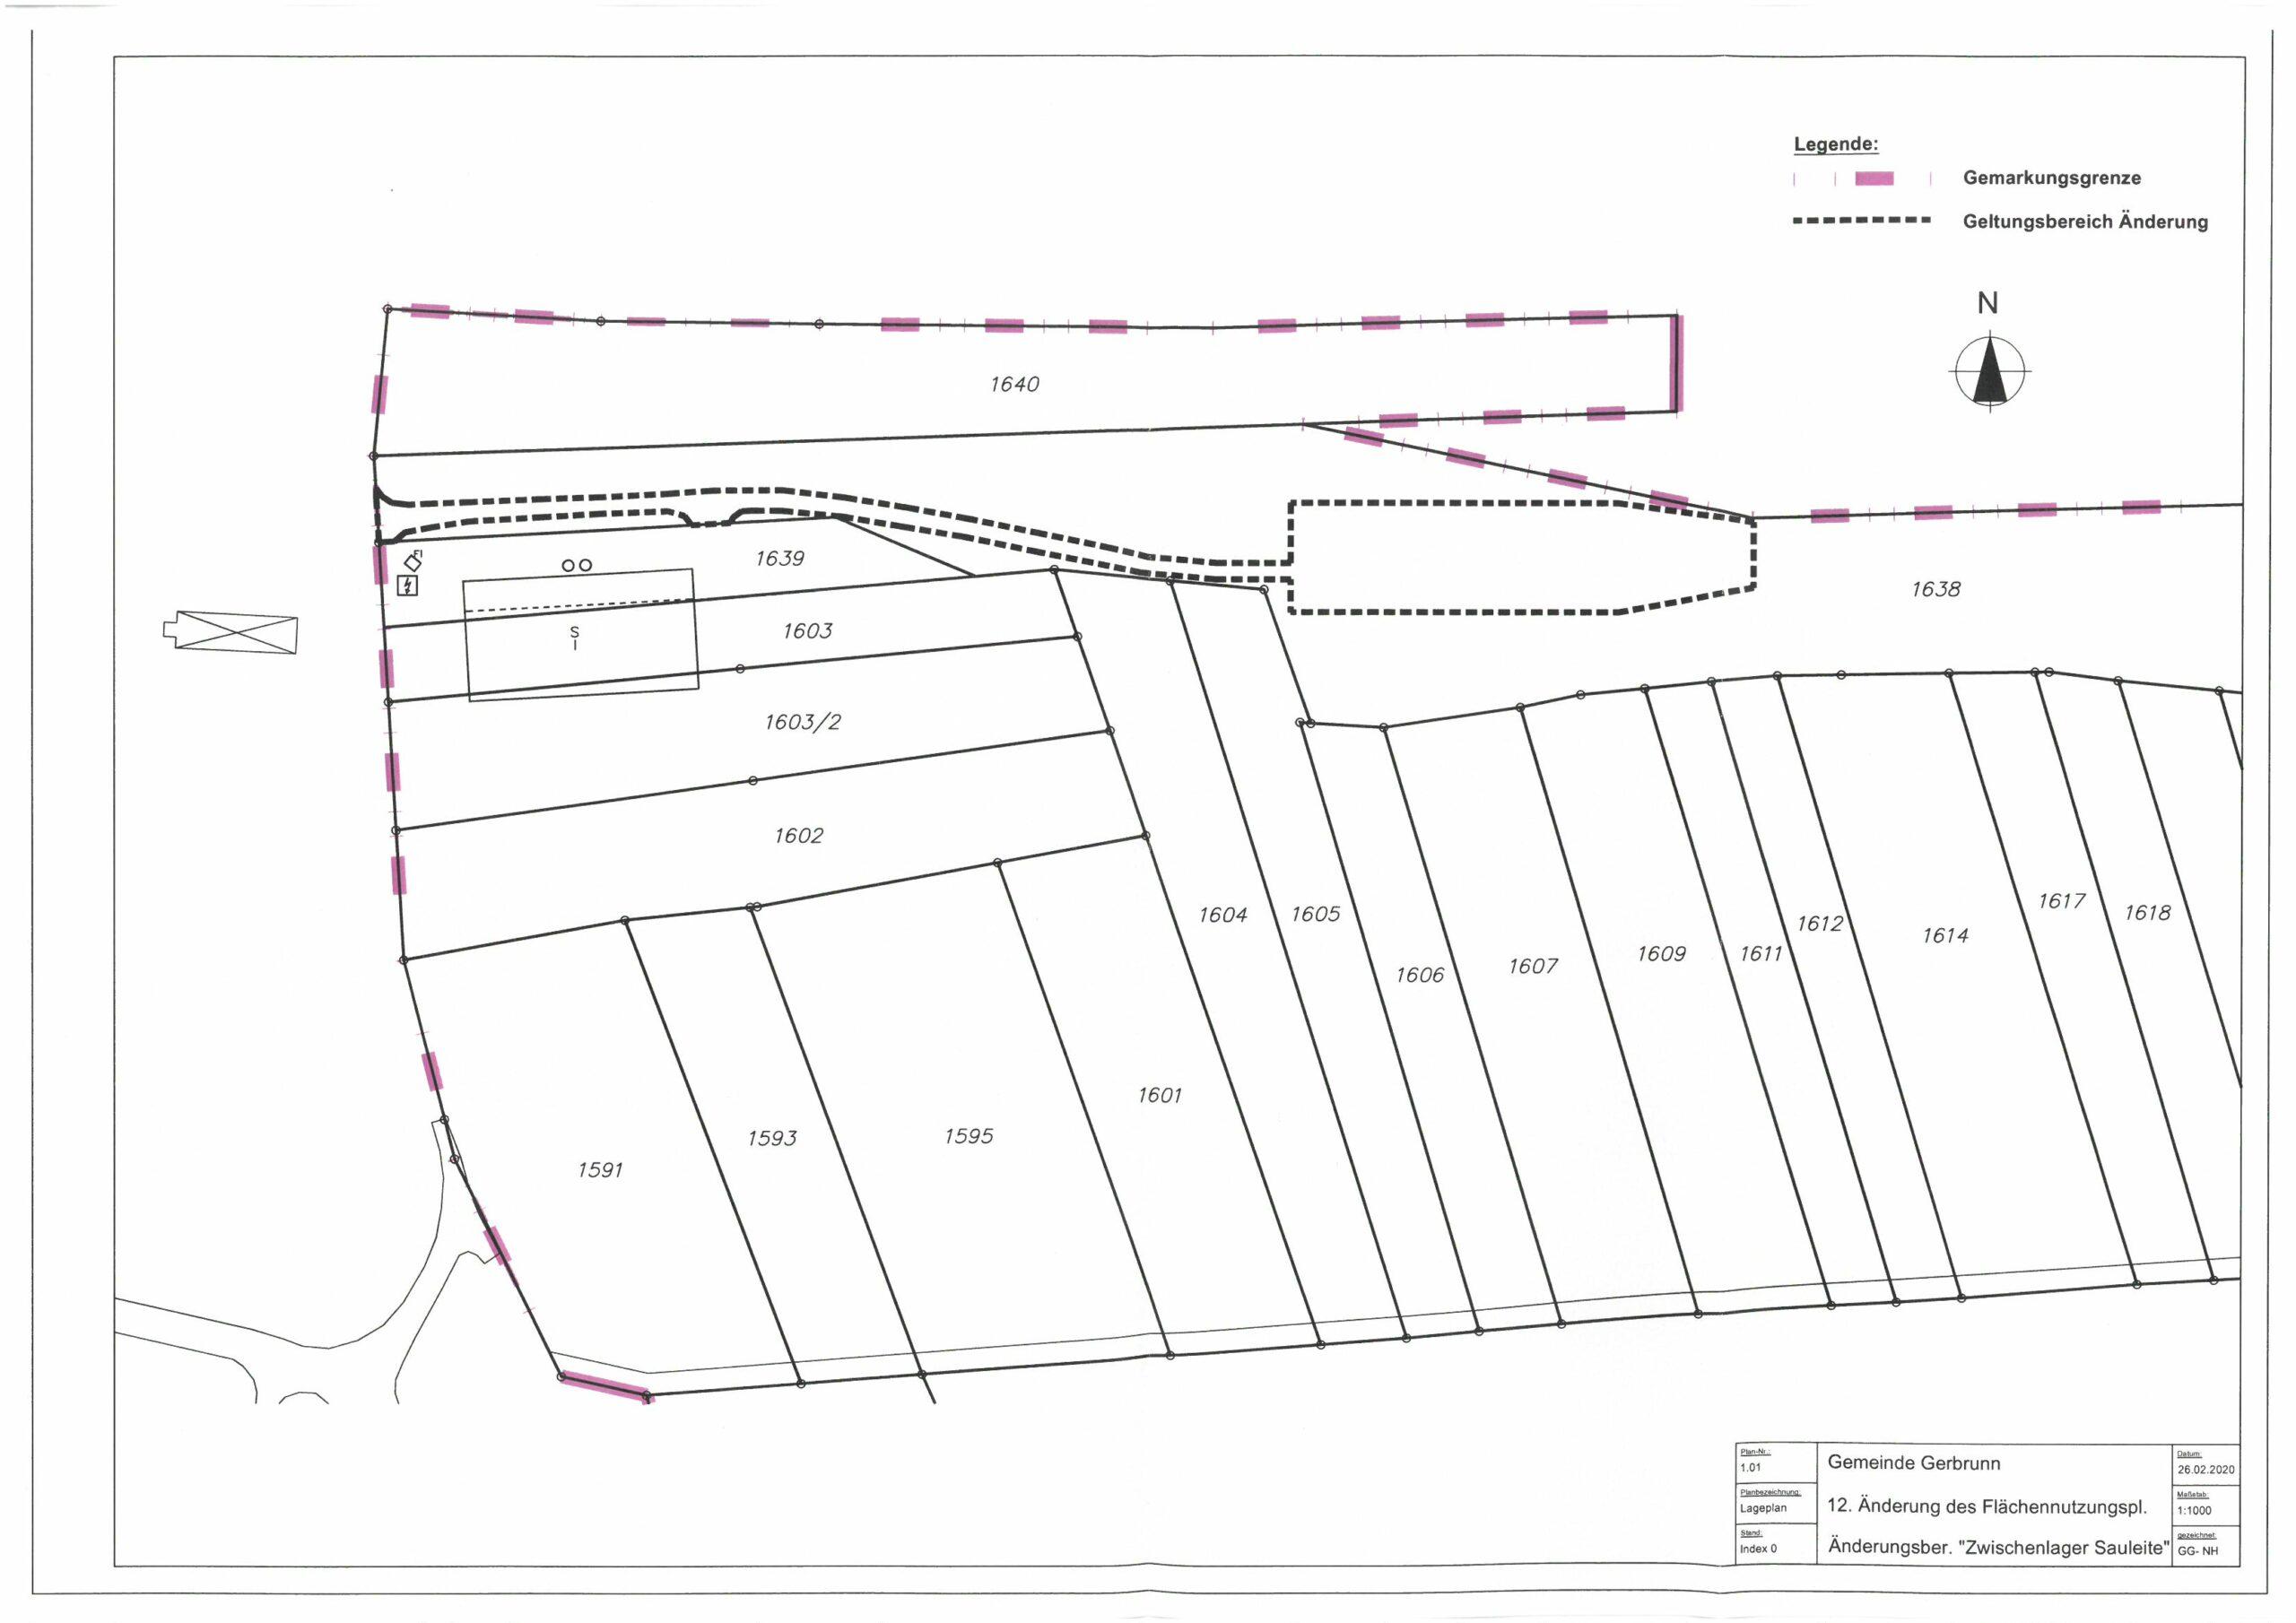 12. Änderung des Flächennutzungsplanes